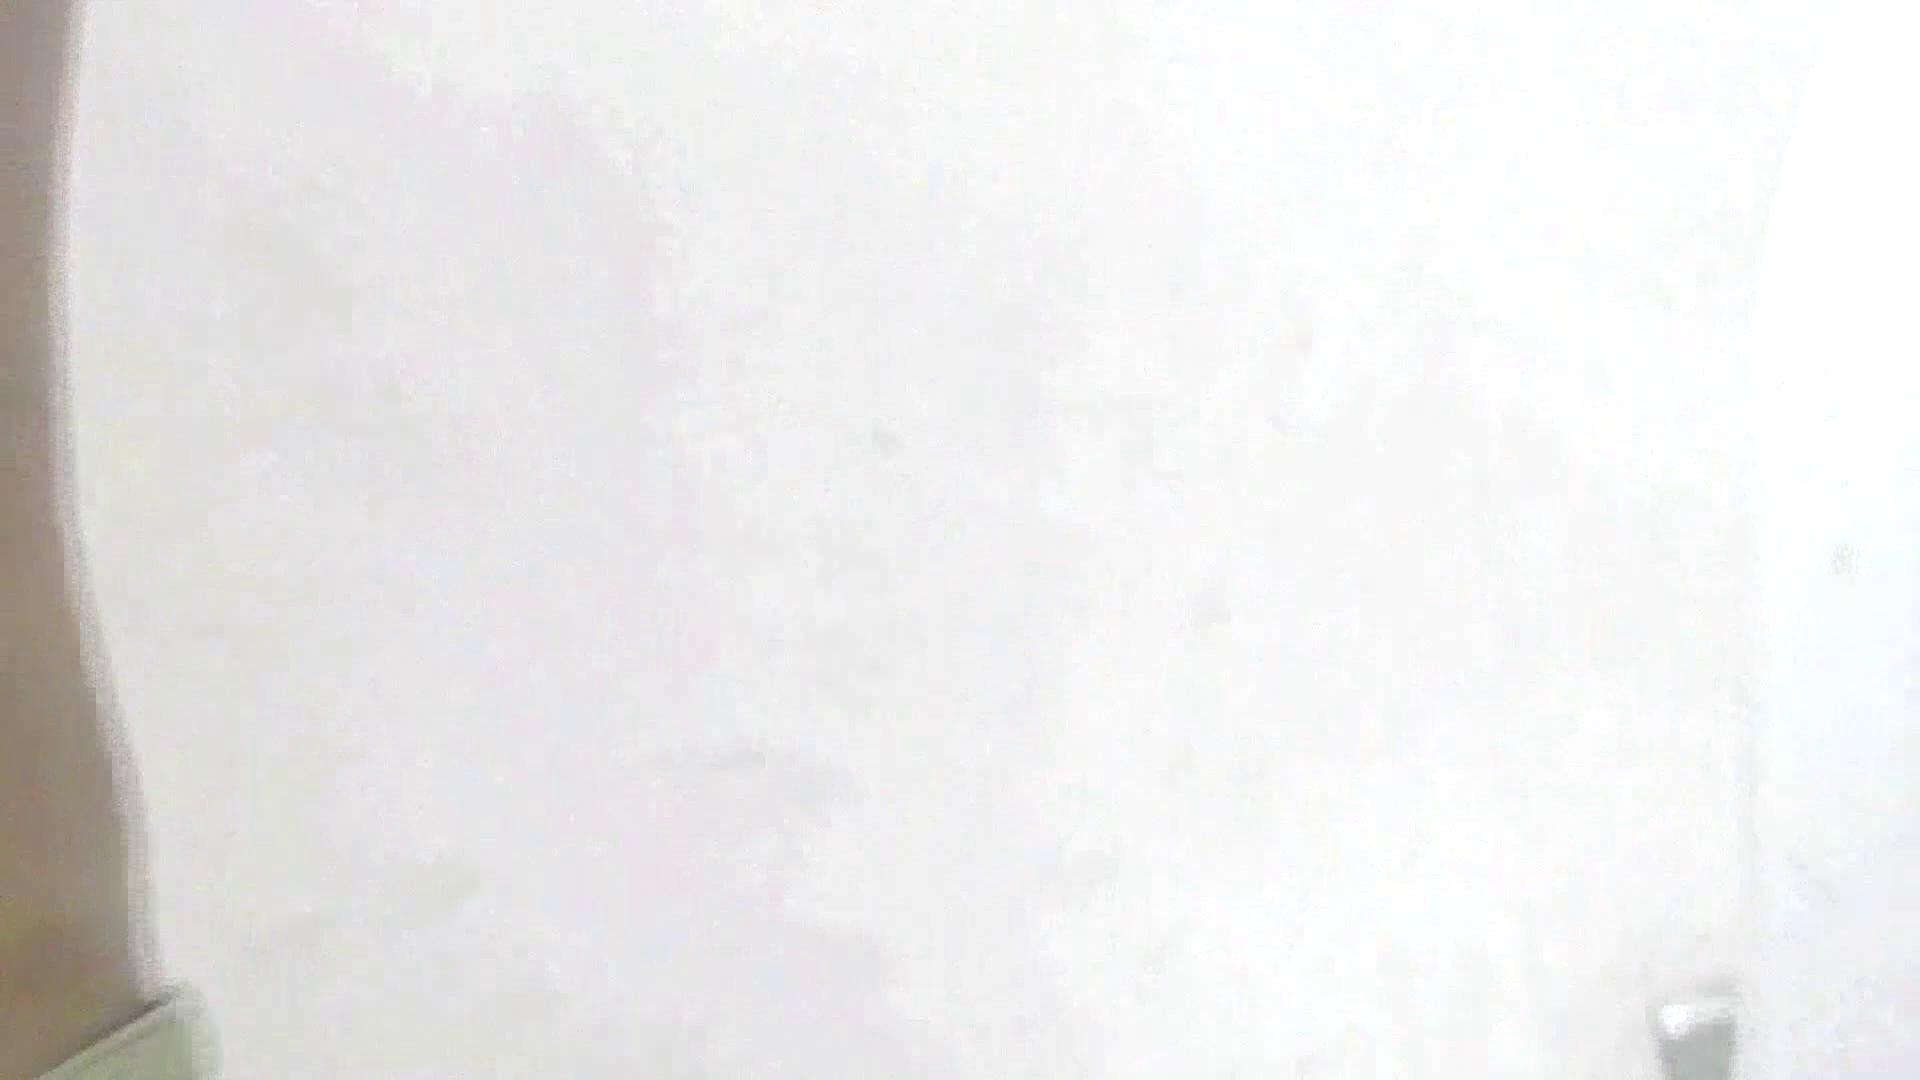 洗面所特攻隊 vol.X さらば!!特攻隊。【2015・08位】 洗面所  64連発 4